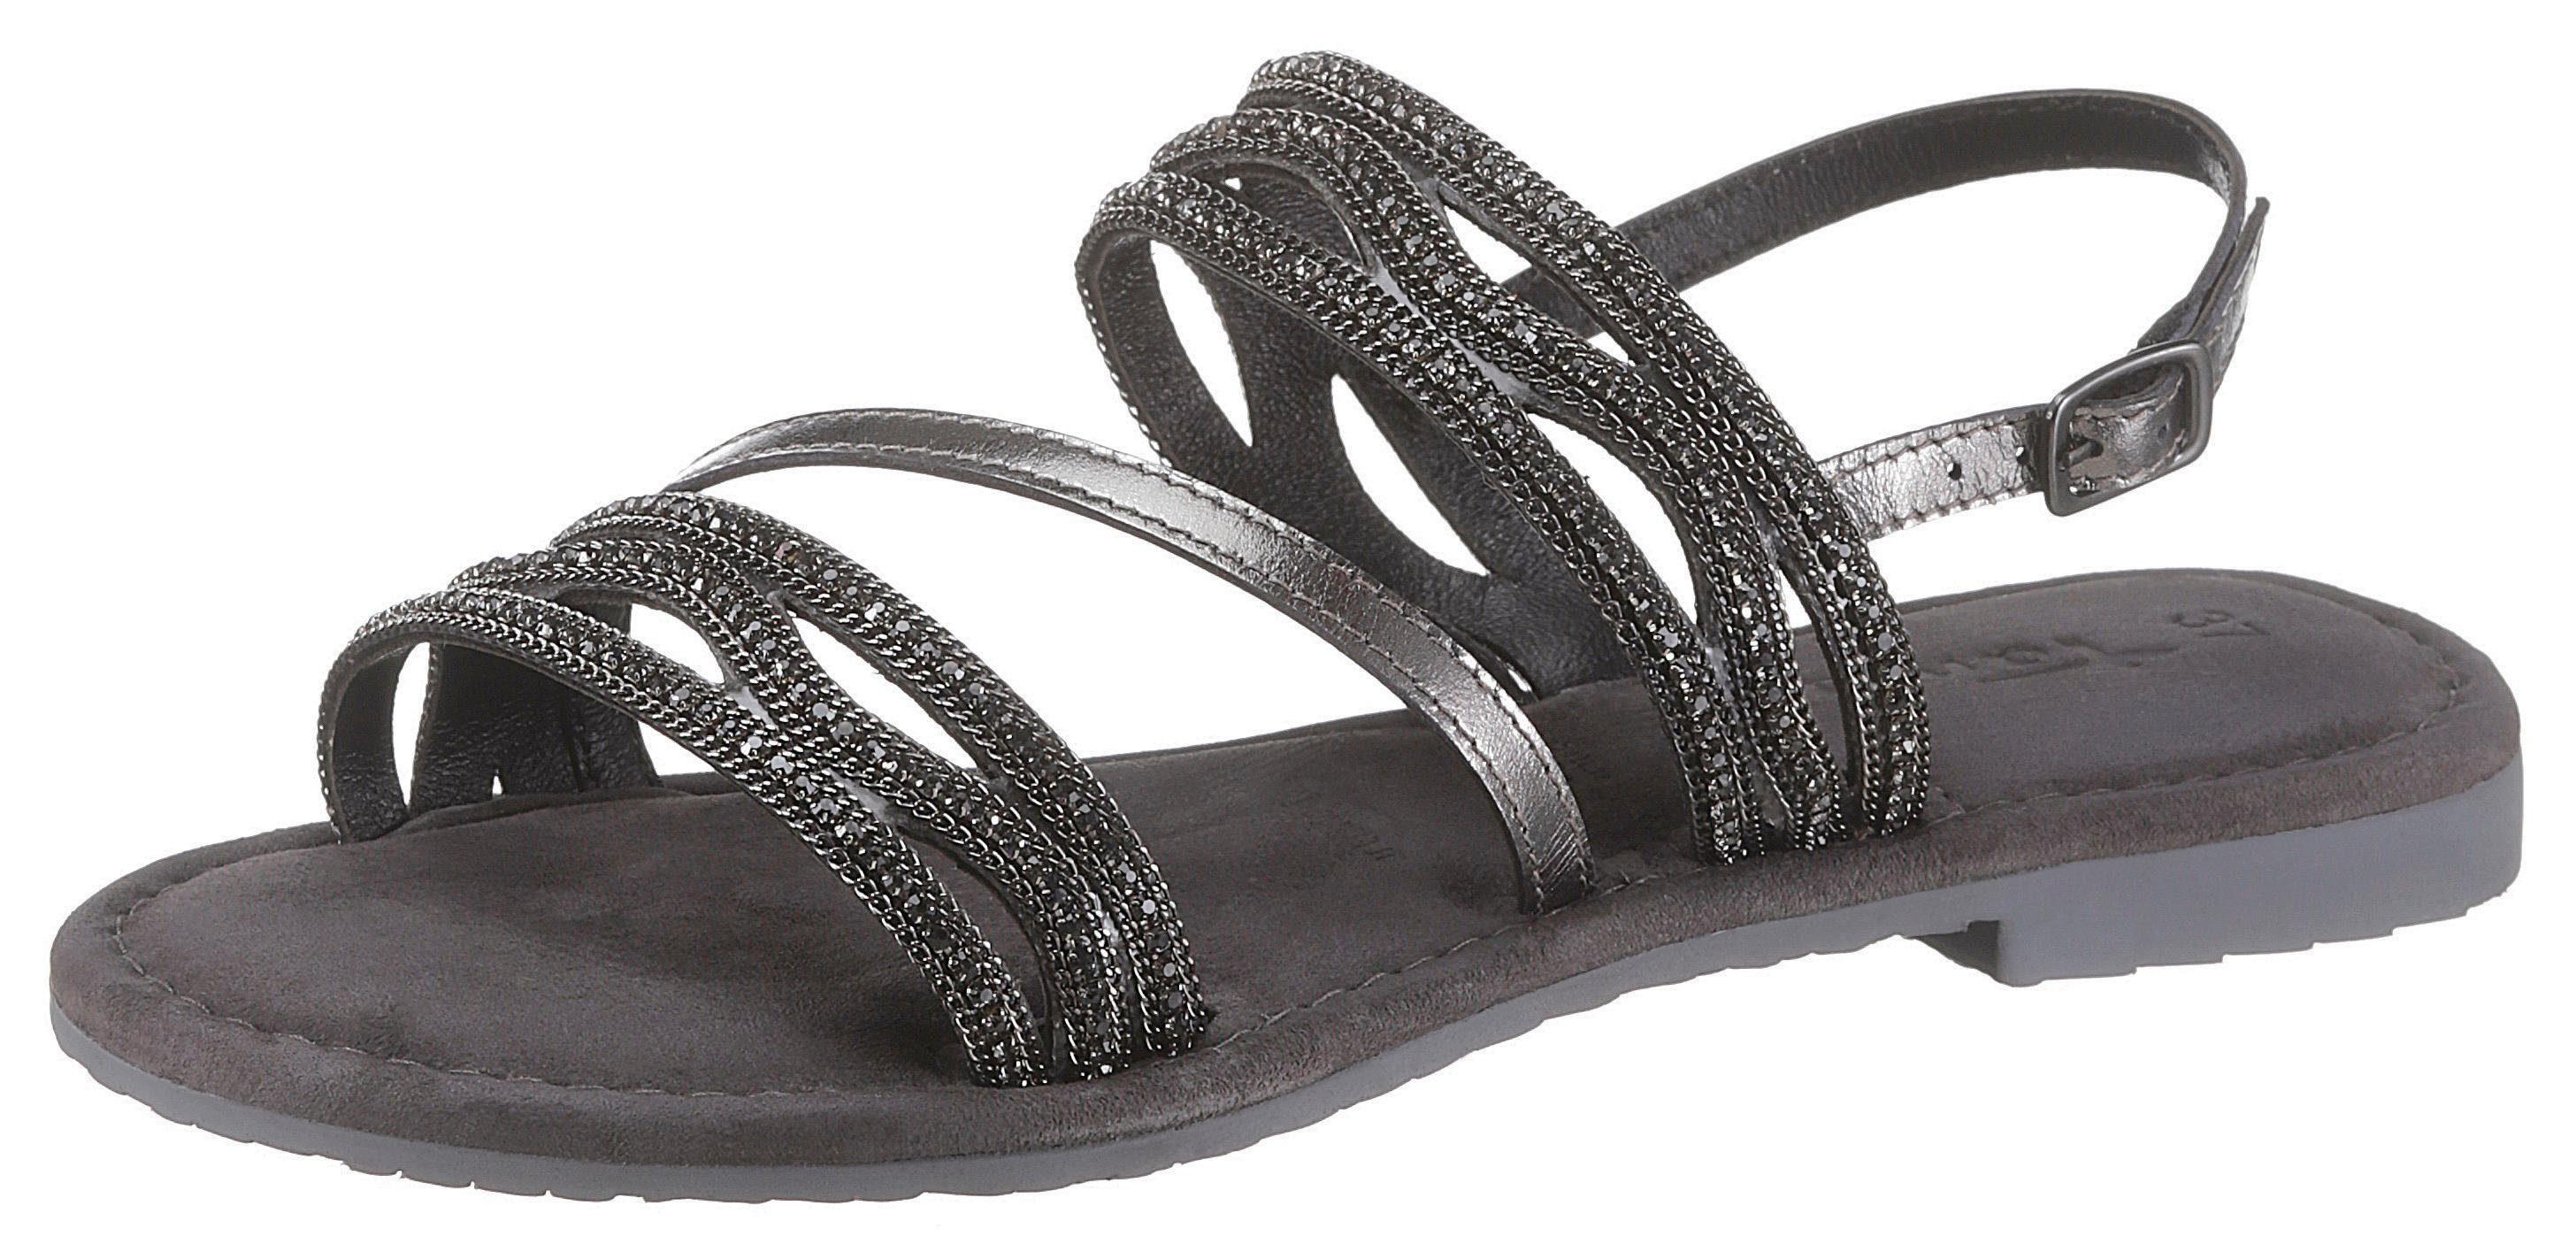 Tamaris »Minu« Sandale mit aufwendiger Verzierung | OTTO